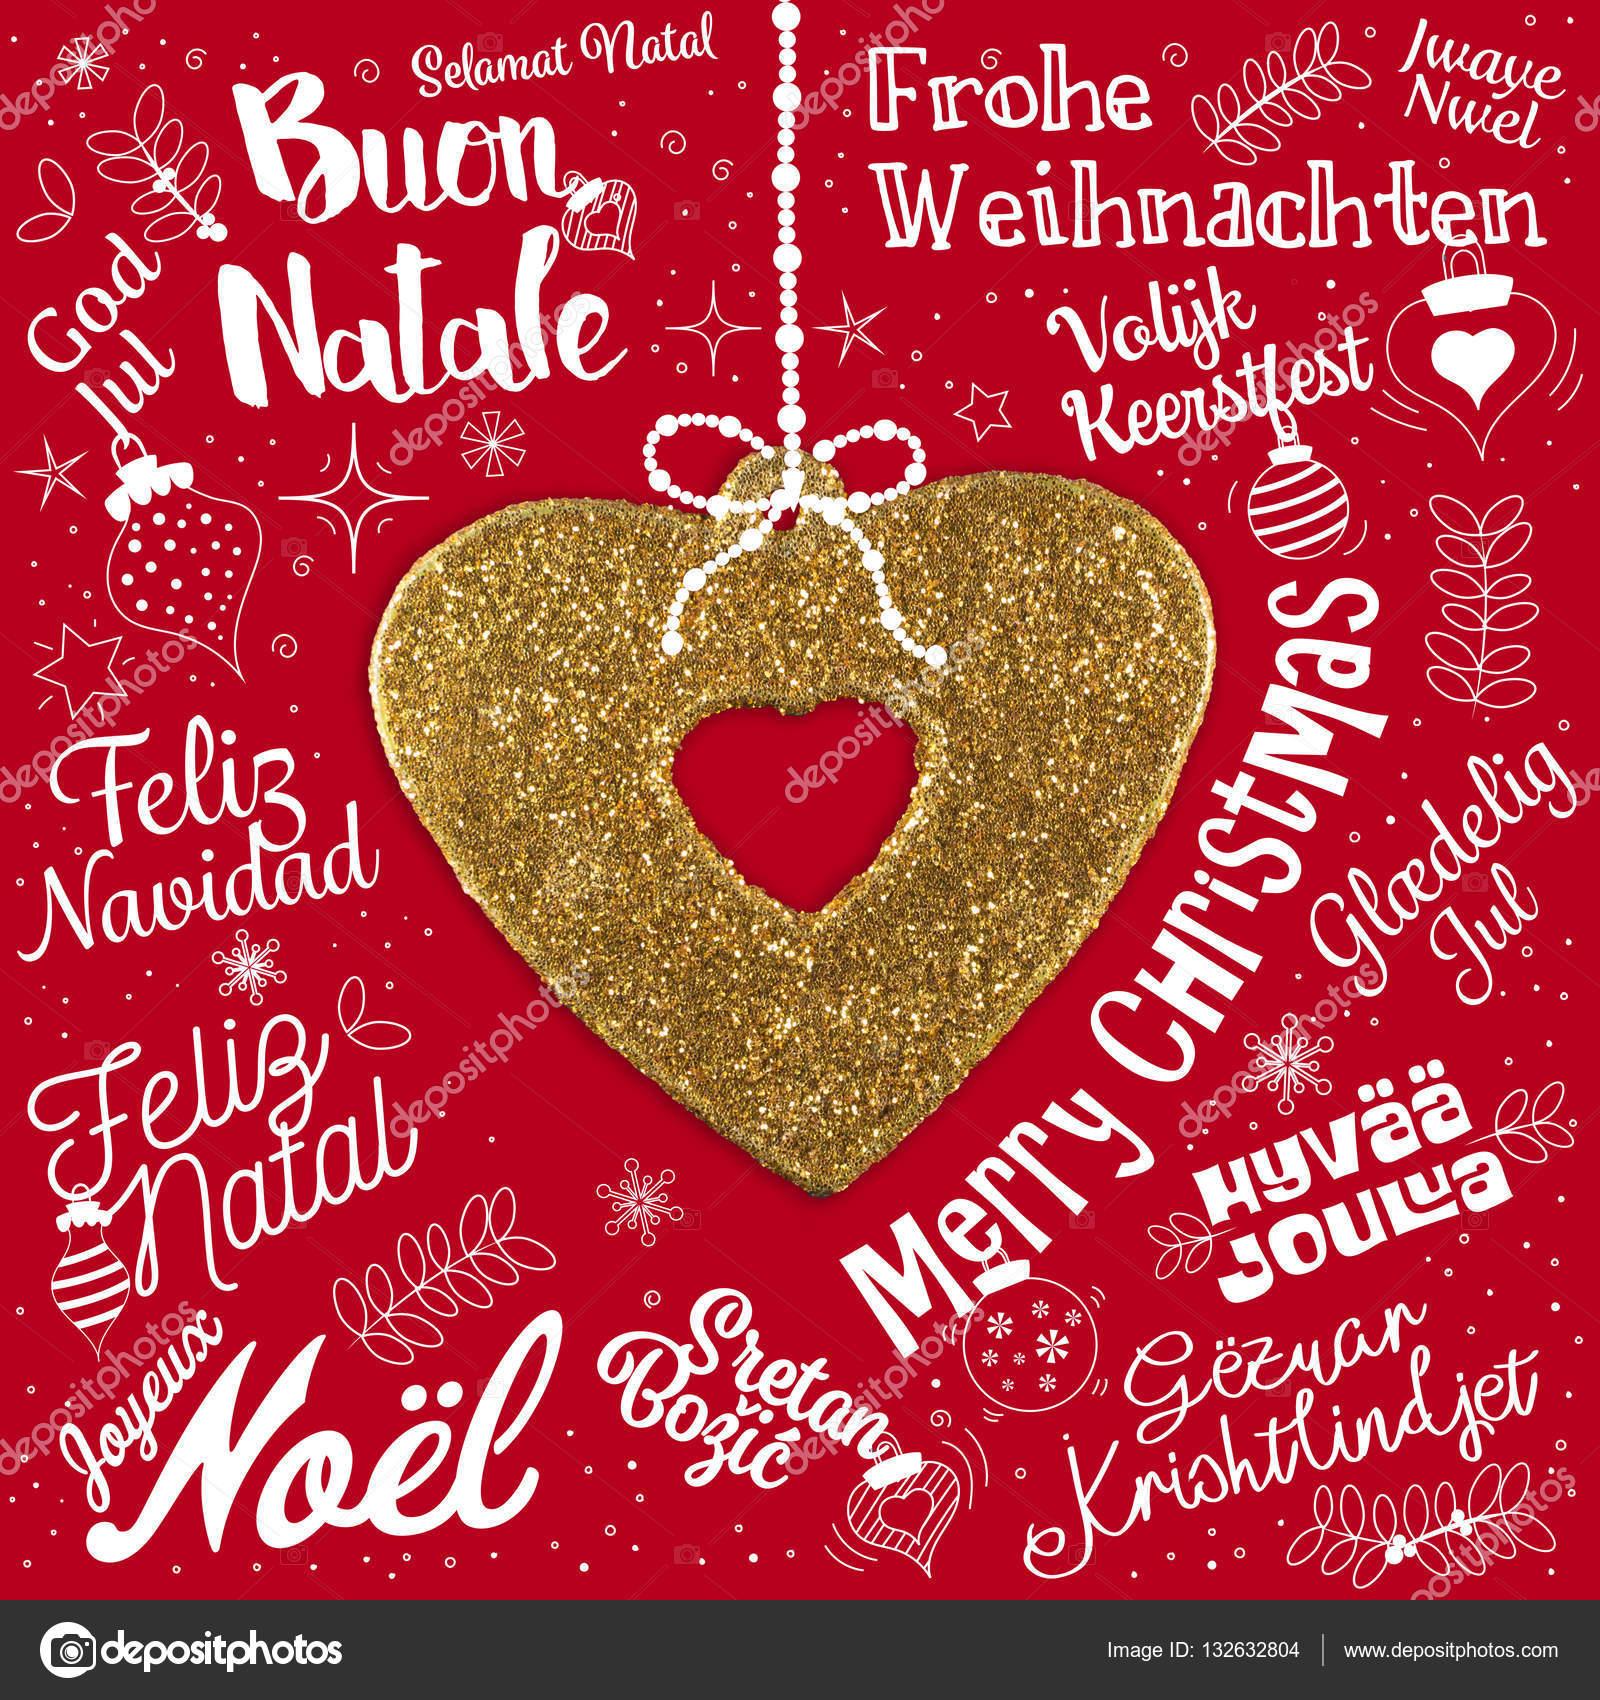 Frohe Weihnachten Auf Allen Sprachen.Frohe Weihnachten Grußkarte Aus Welt In Verschiedenen Sprachen